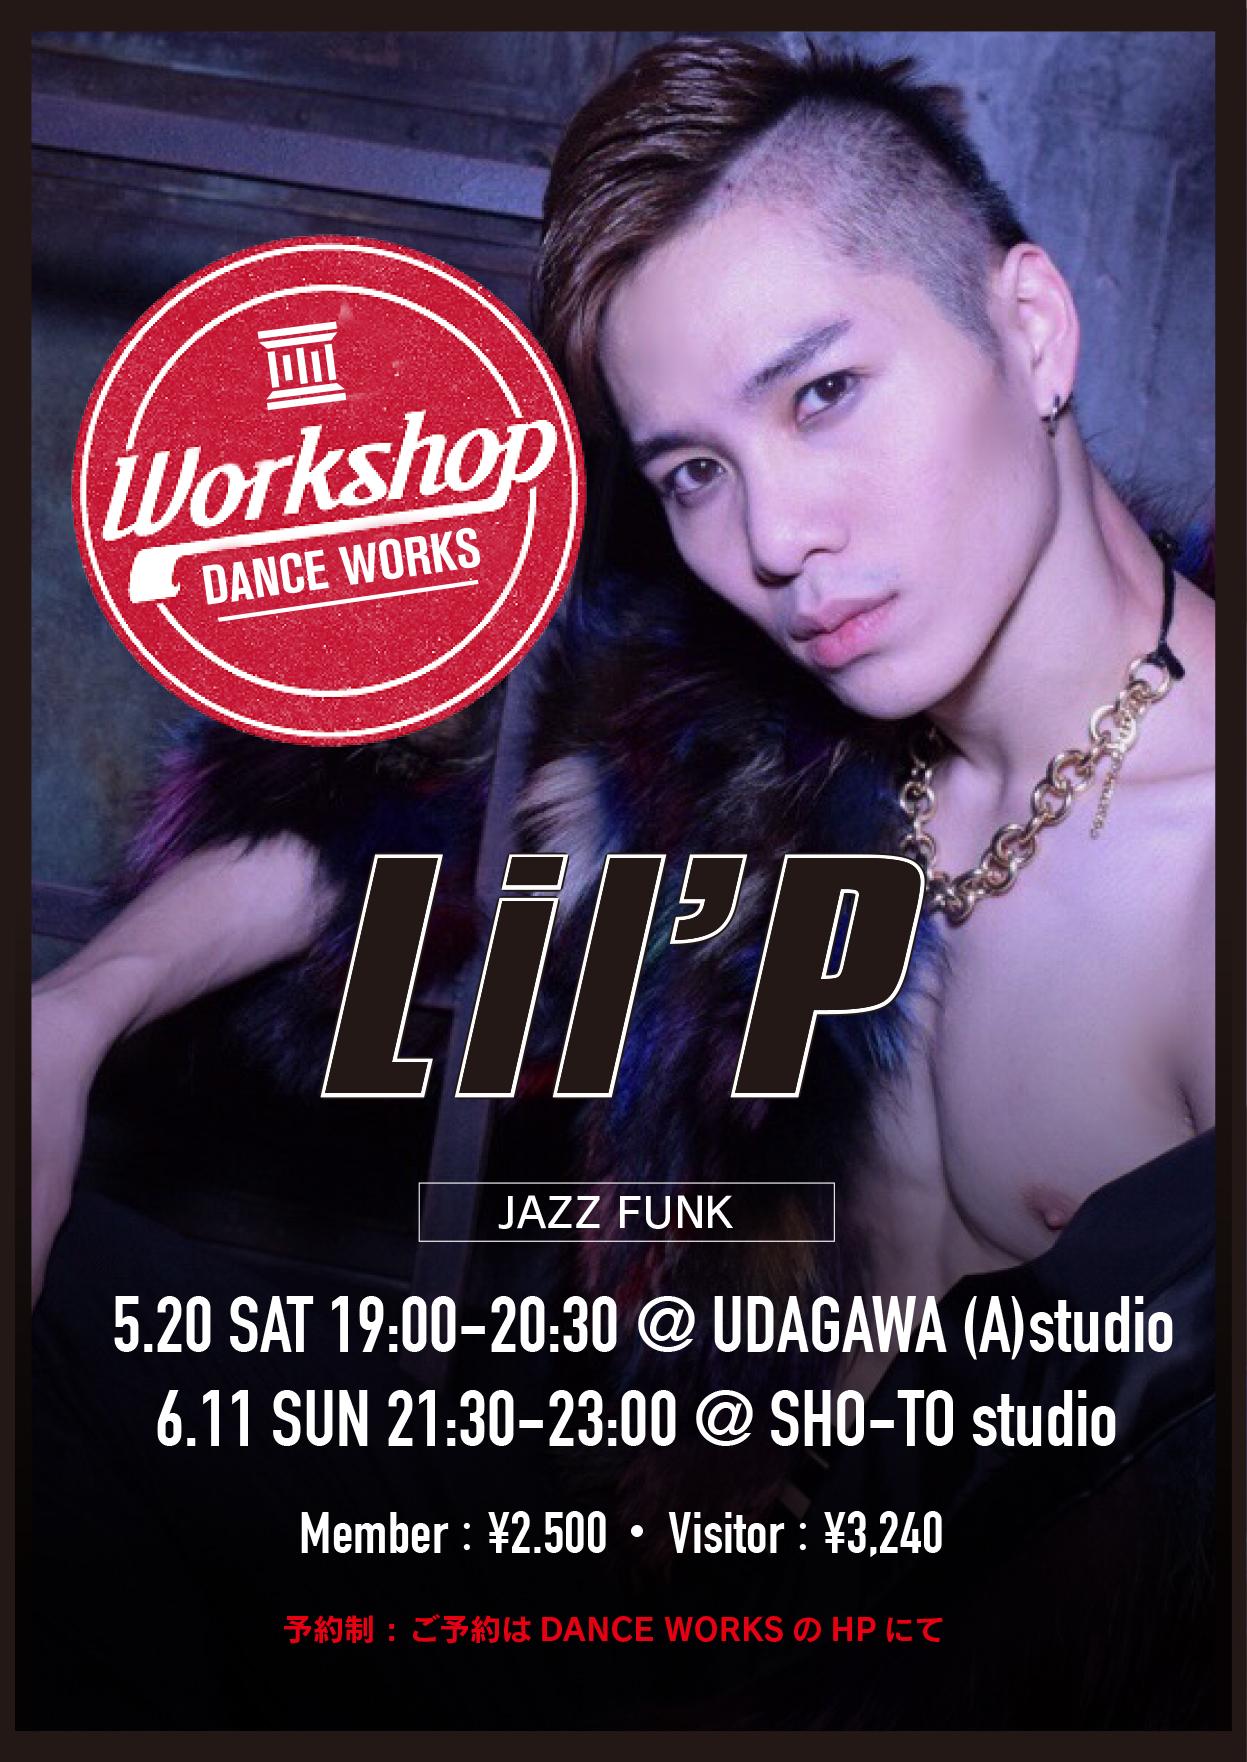 台湾が世界に誇るJAZZ FUNKダンサー Lil'P スペシャルワークショップ!!